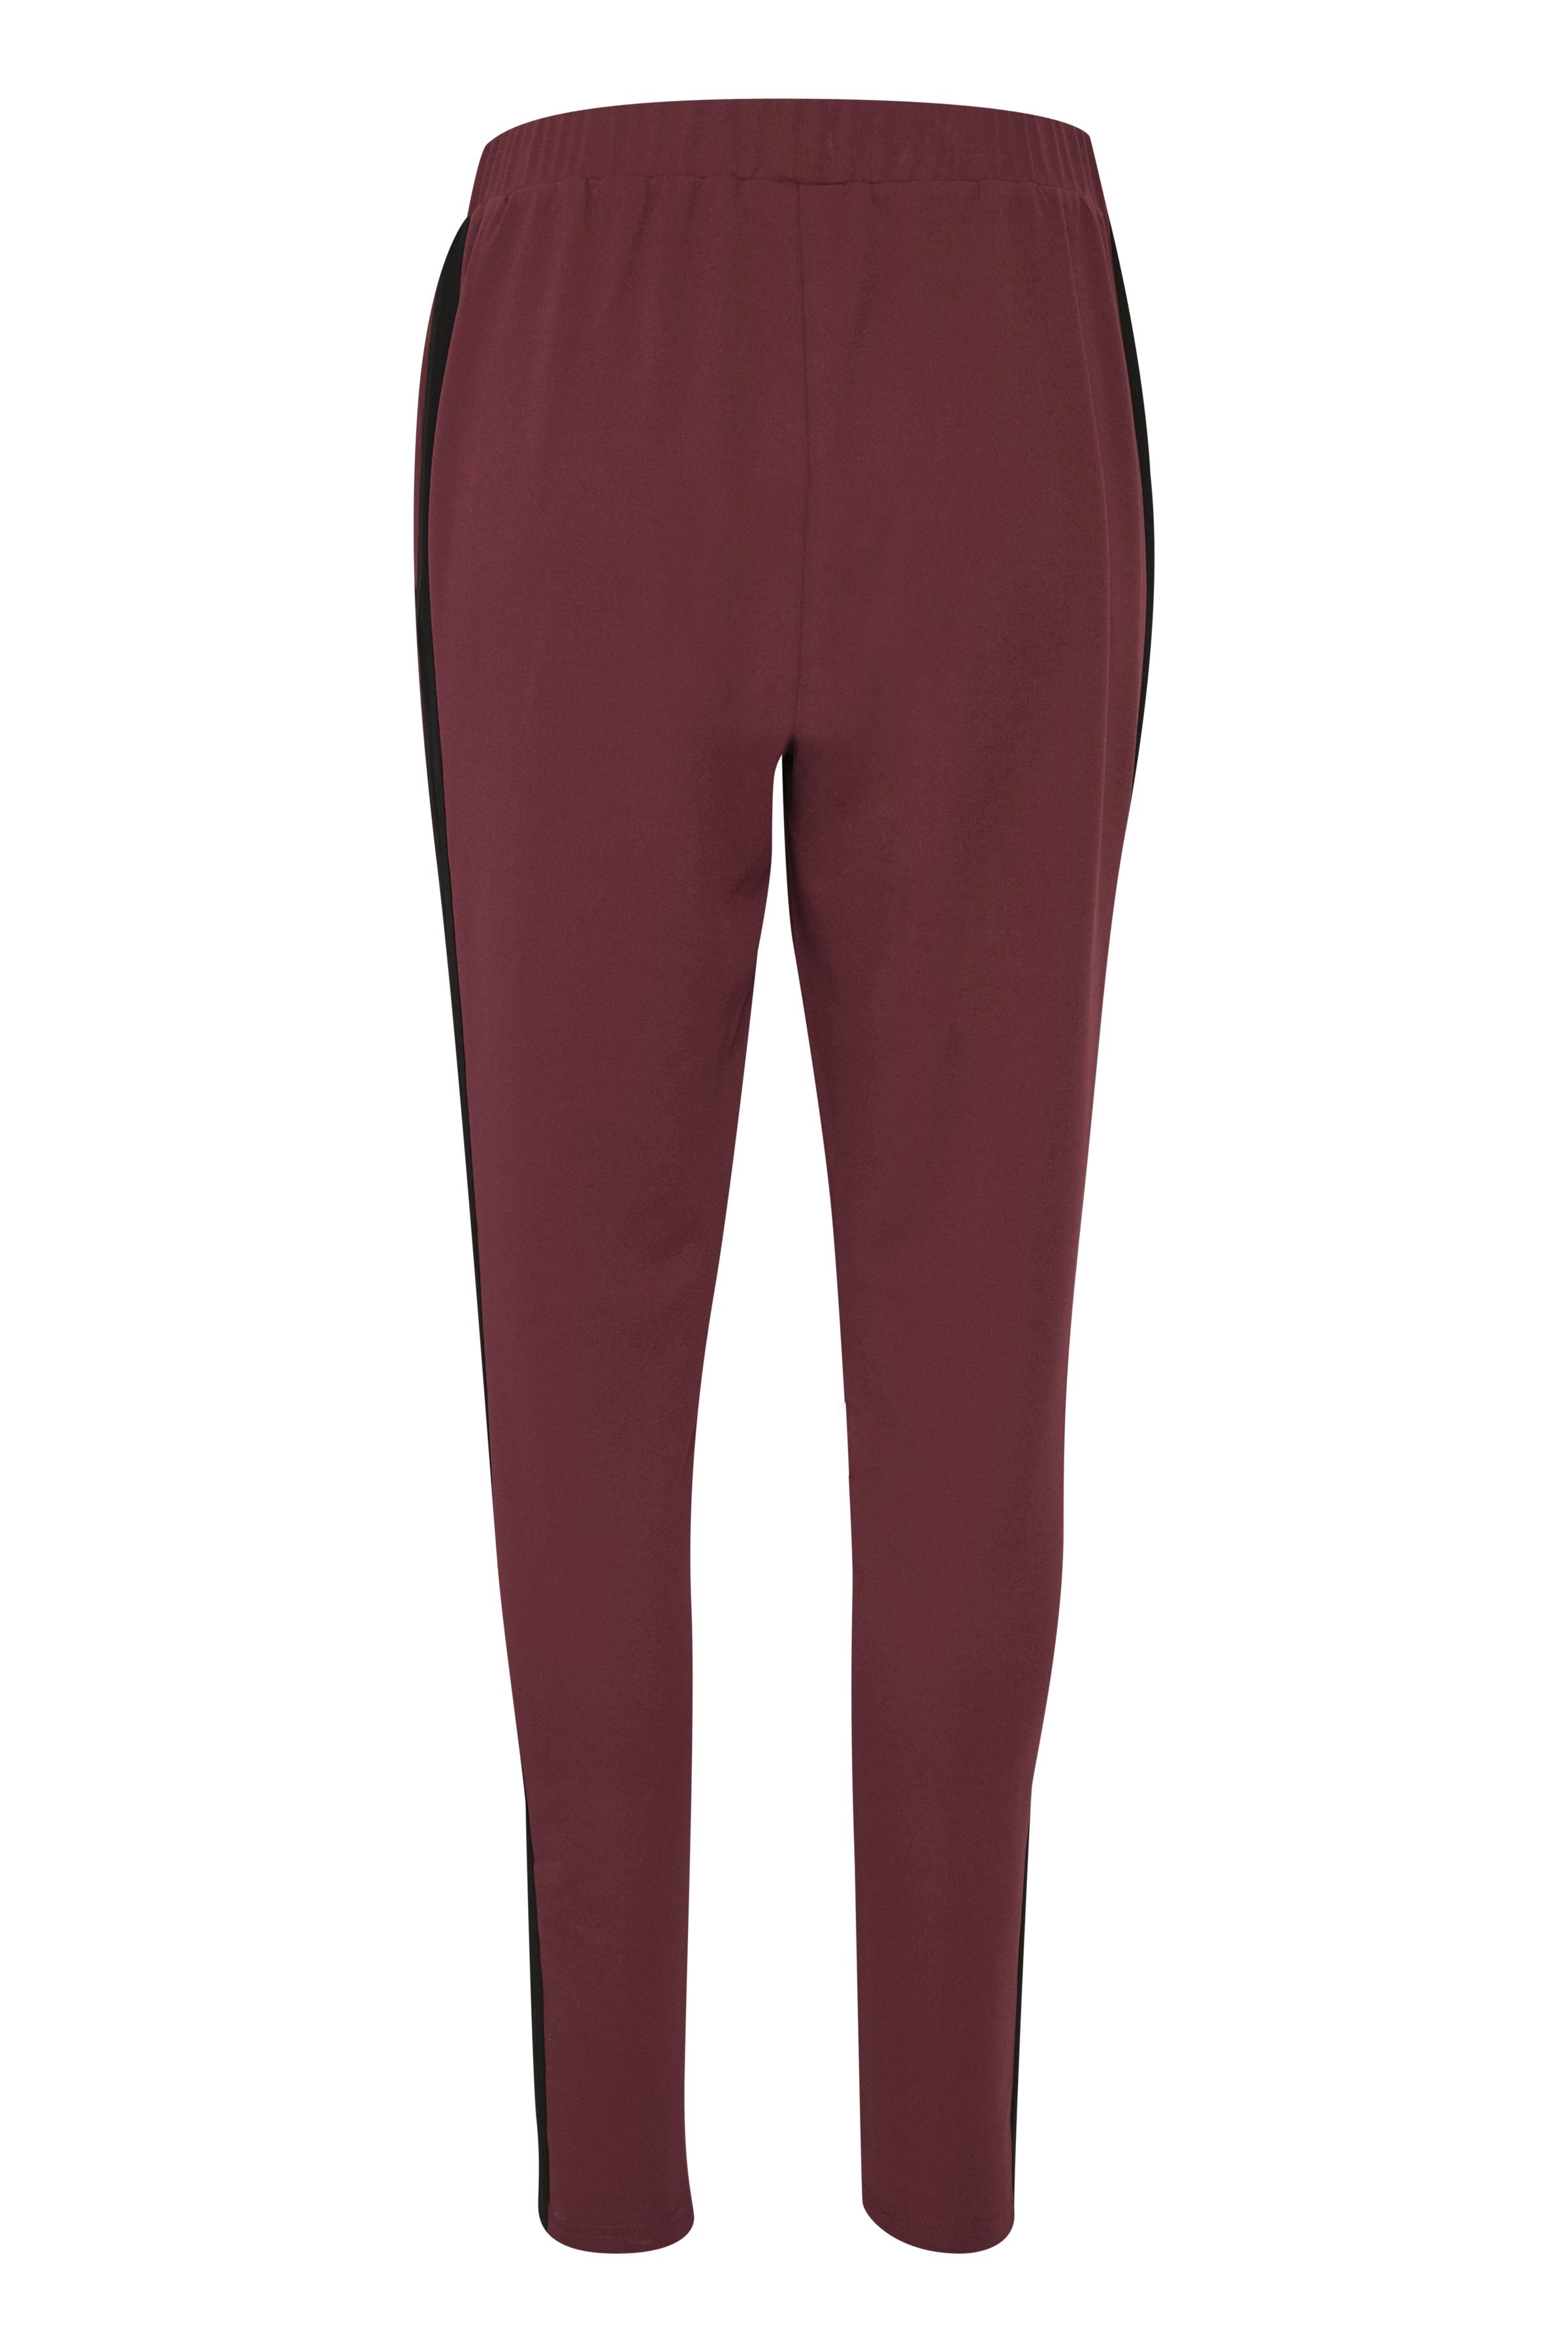 Mørkerød/sort Casual bukser fra Kaffe – Køb Mørkerød/sort Casual bukser fra str. XS-XXL her